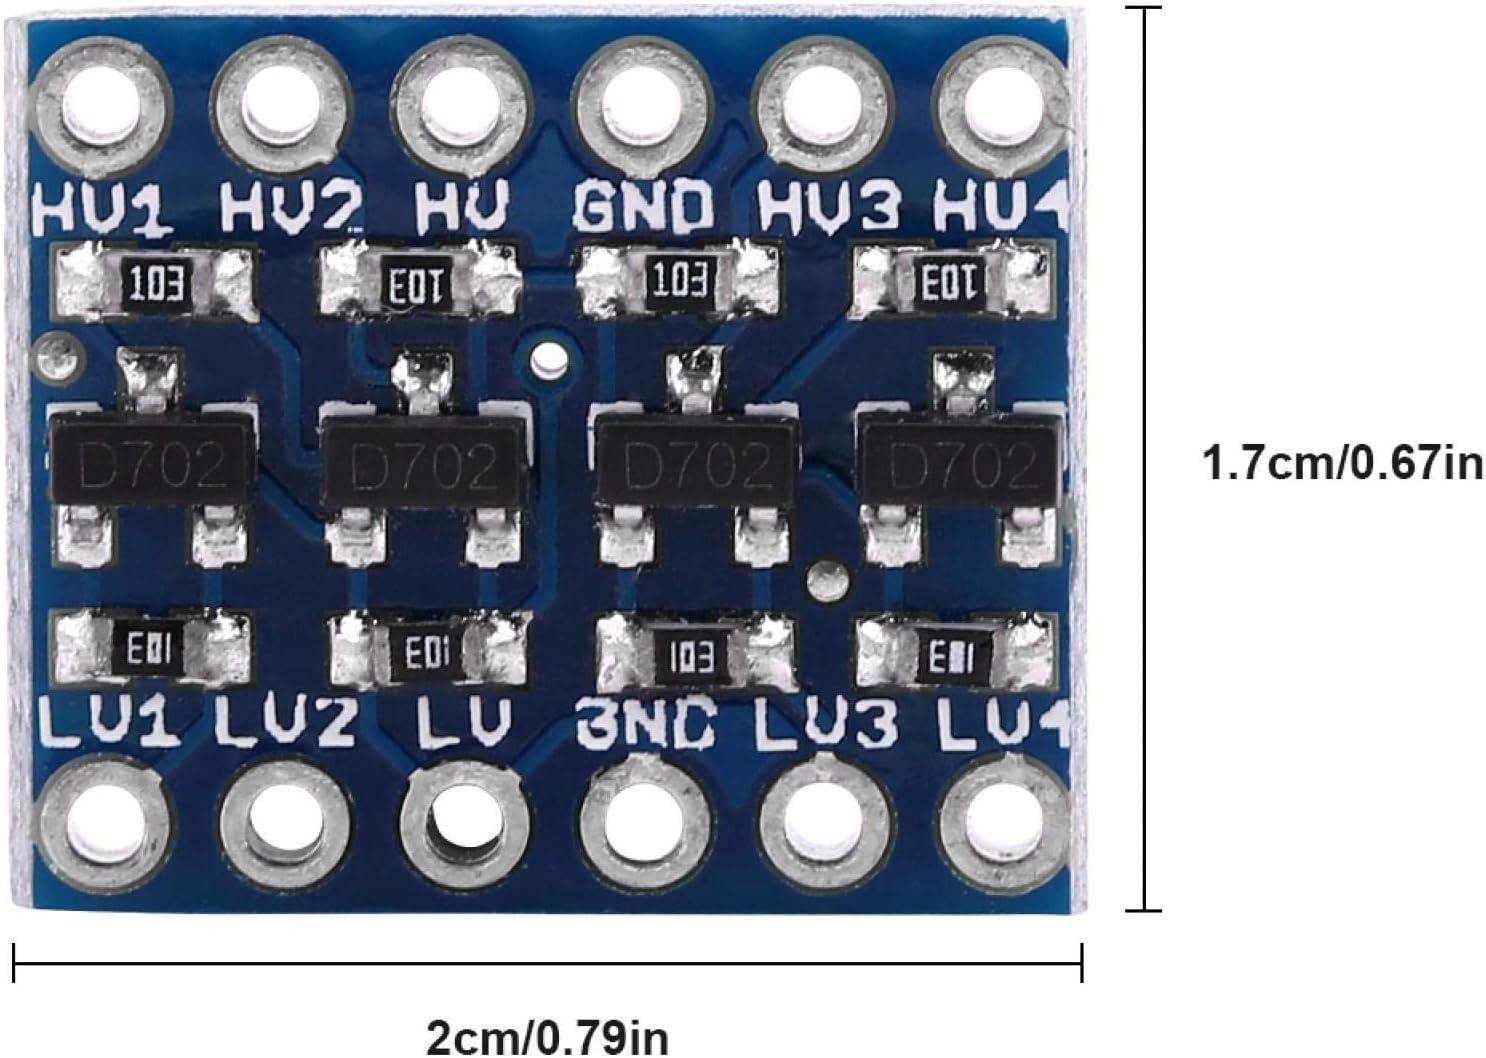 convertitore di livello bidirezionale convertitore di livello logico IIC I2C a 4 canali Professional per dispositivo di comunicazione di componenti elettronici Convertitore di livello I2C